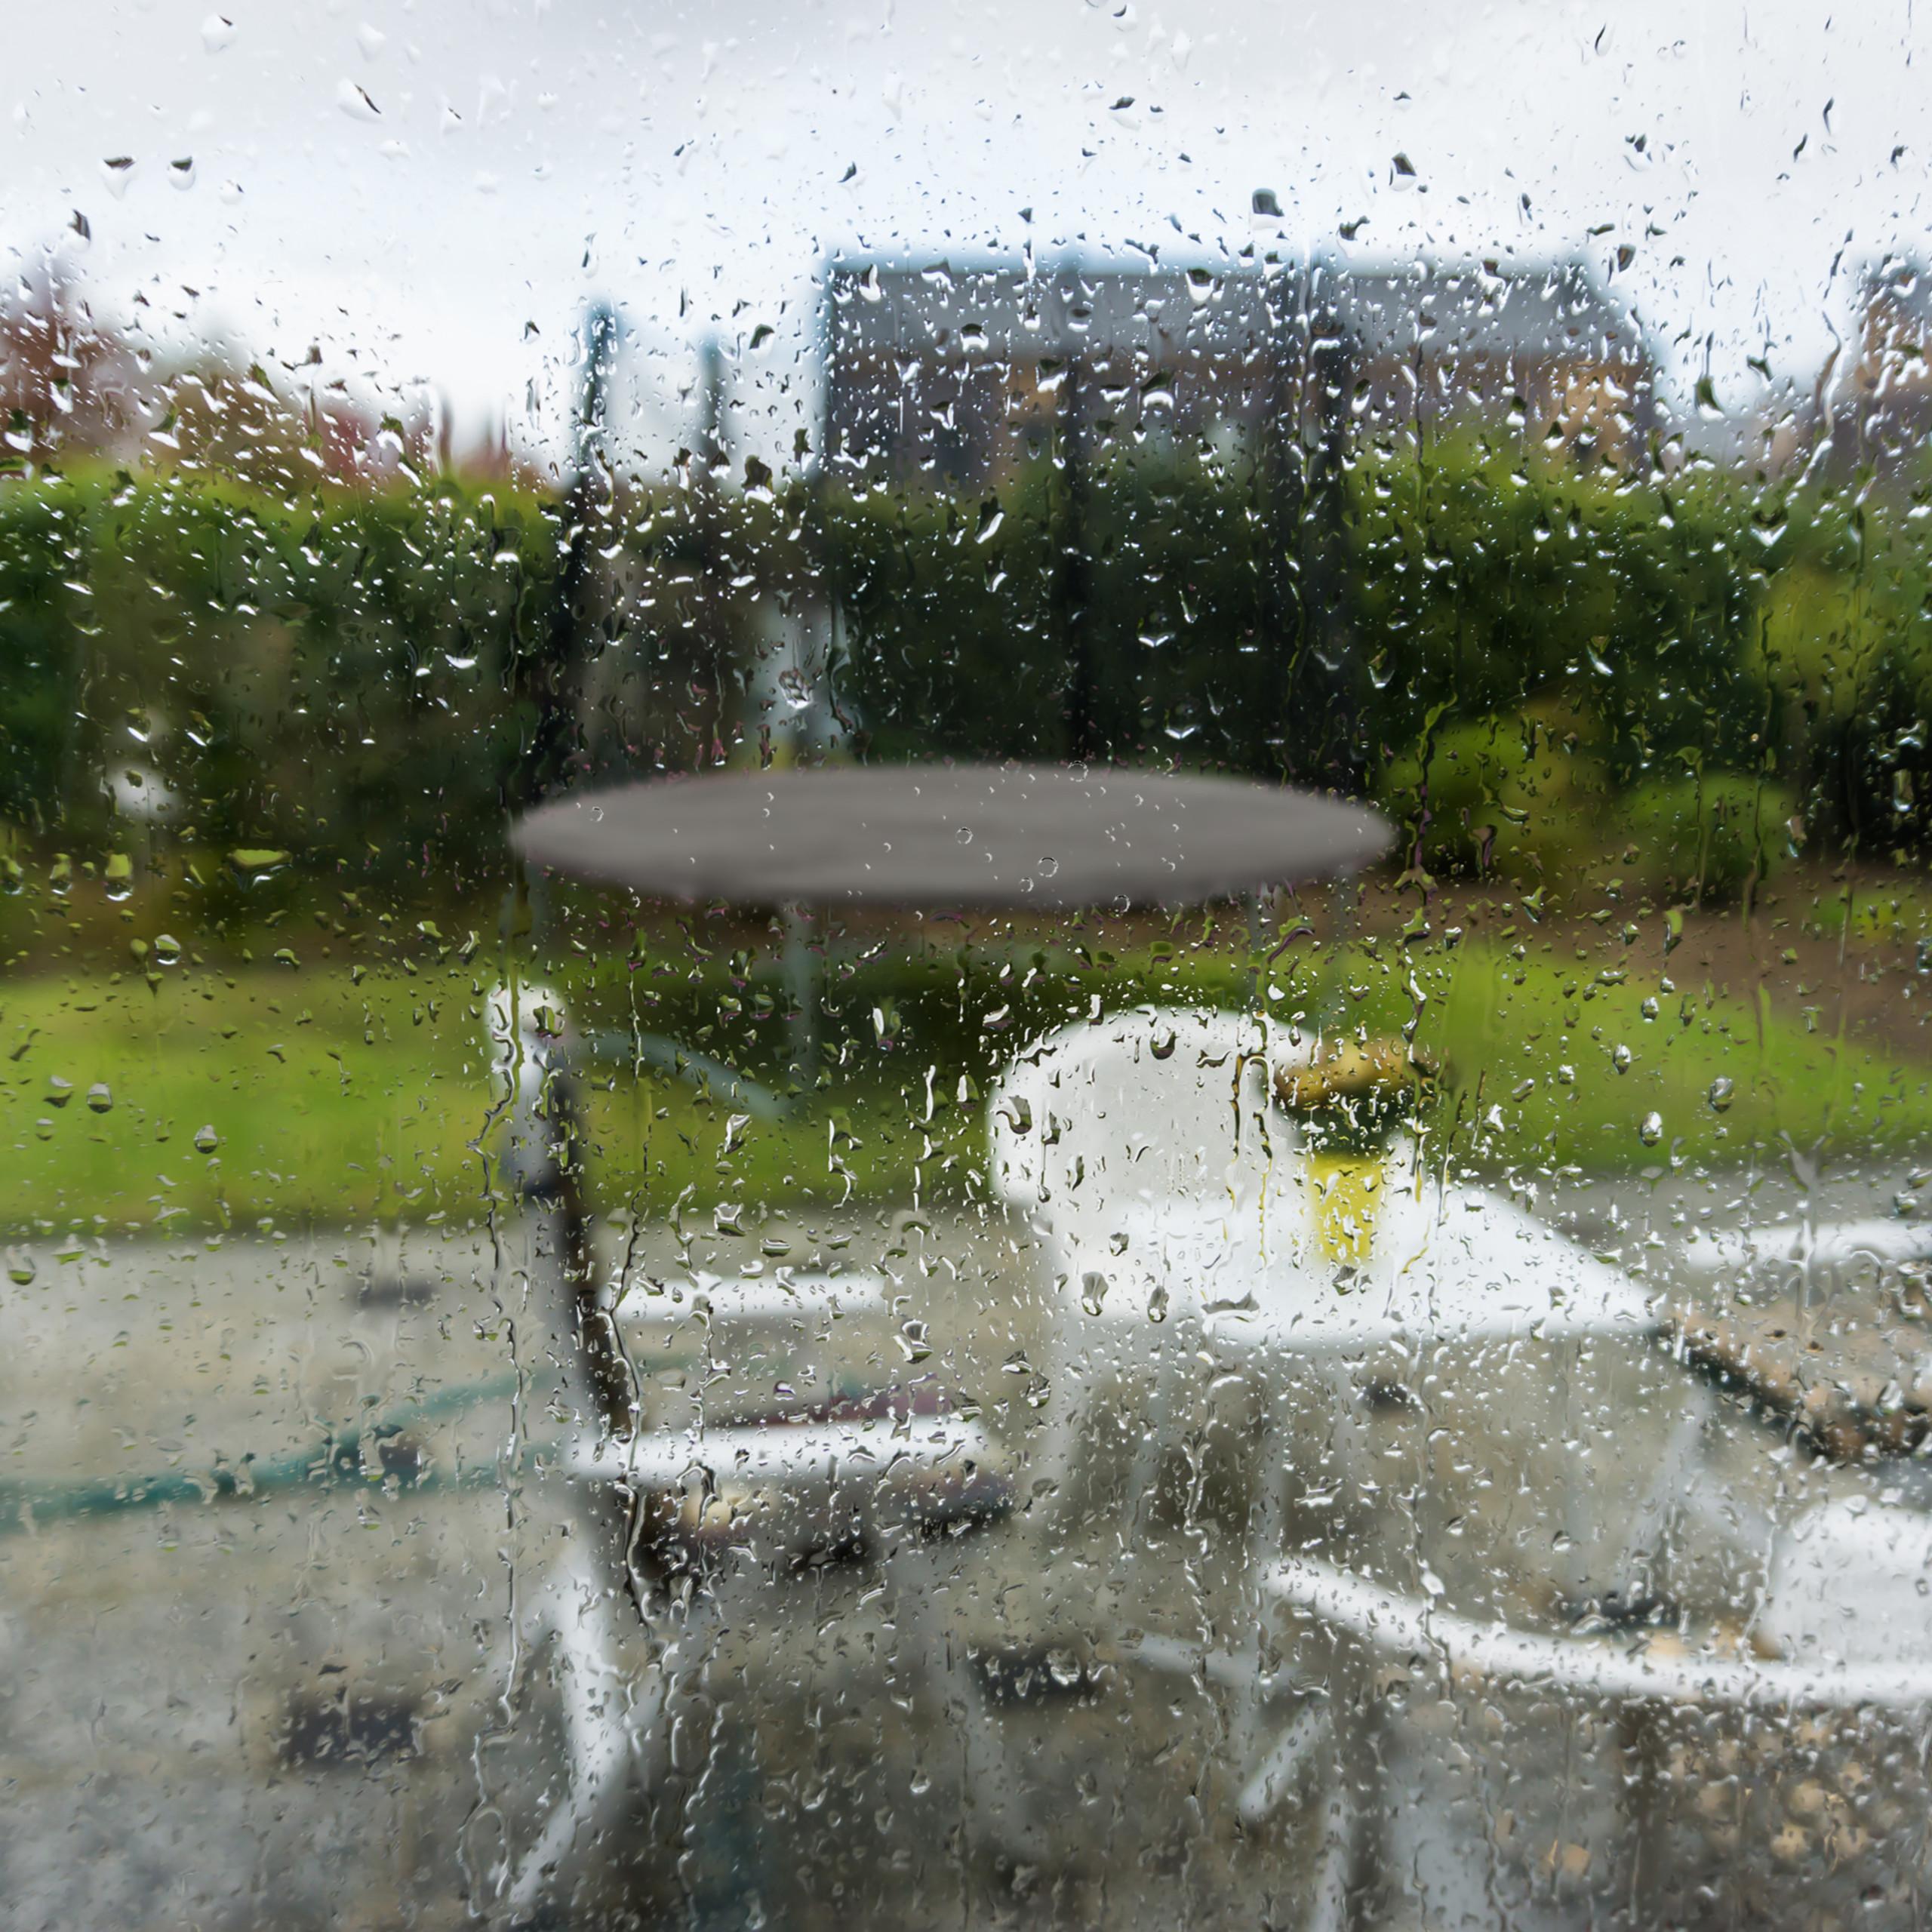 Housse-de-Protection-pour-Trampoline-Bache-pluie-vent-jardin-intemperies miniature 26